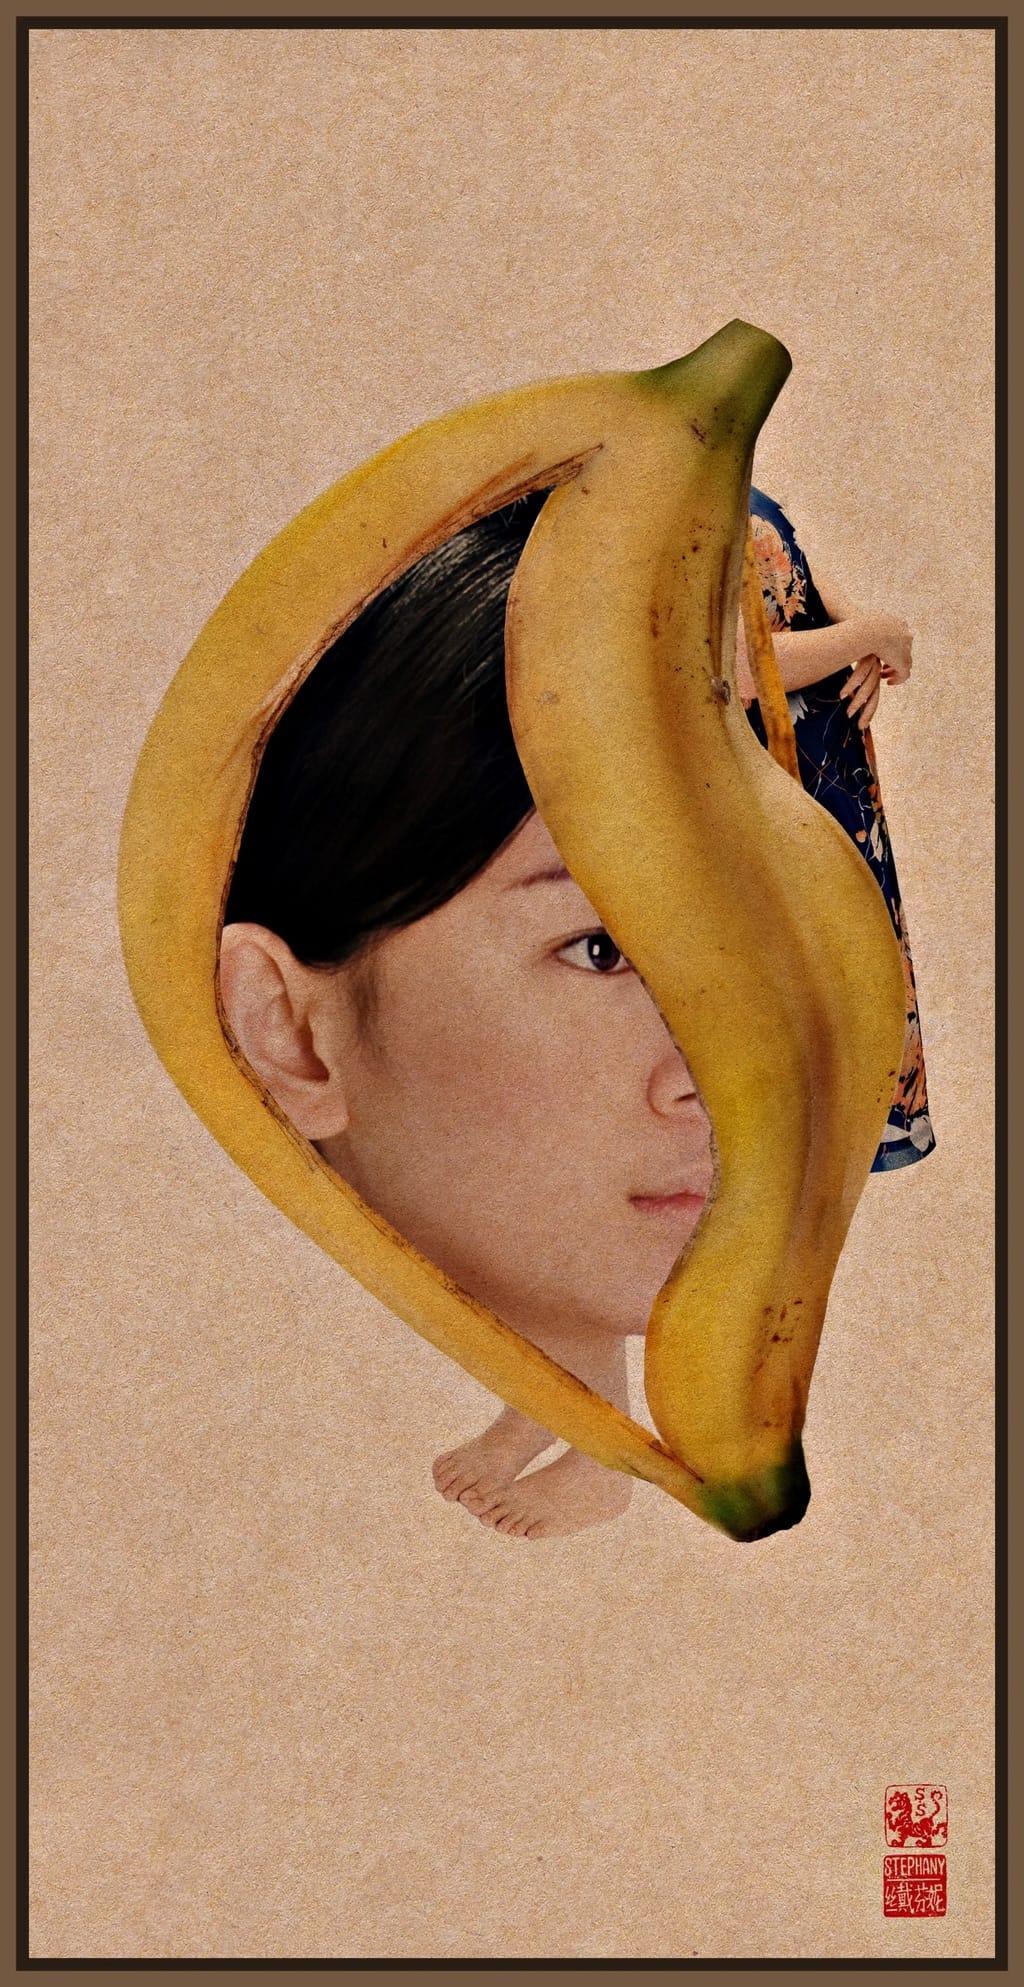 Banane sur un visage